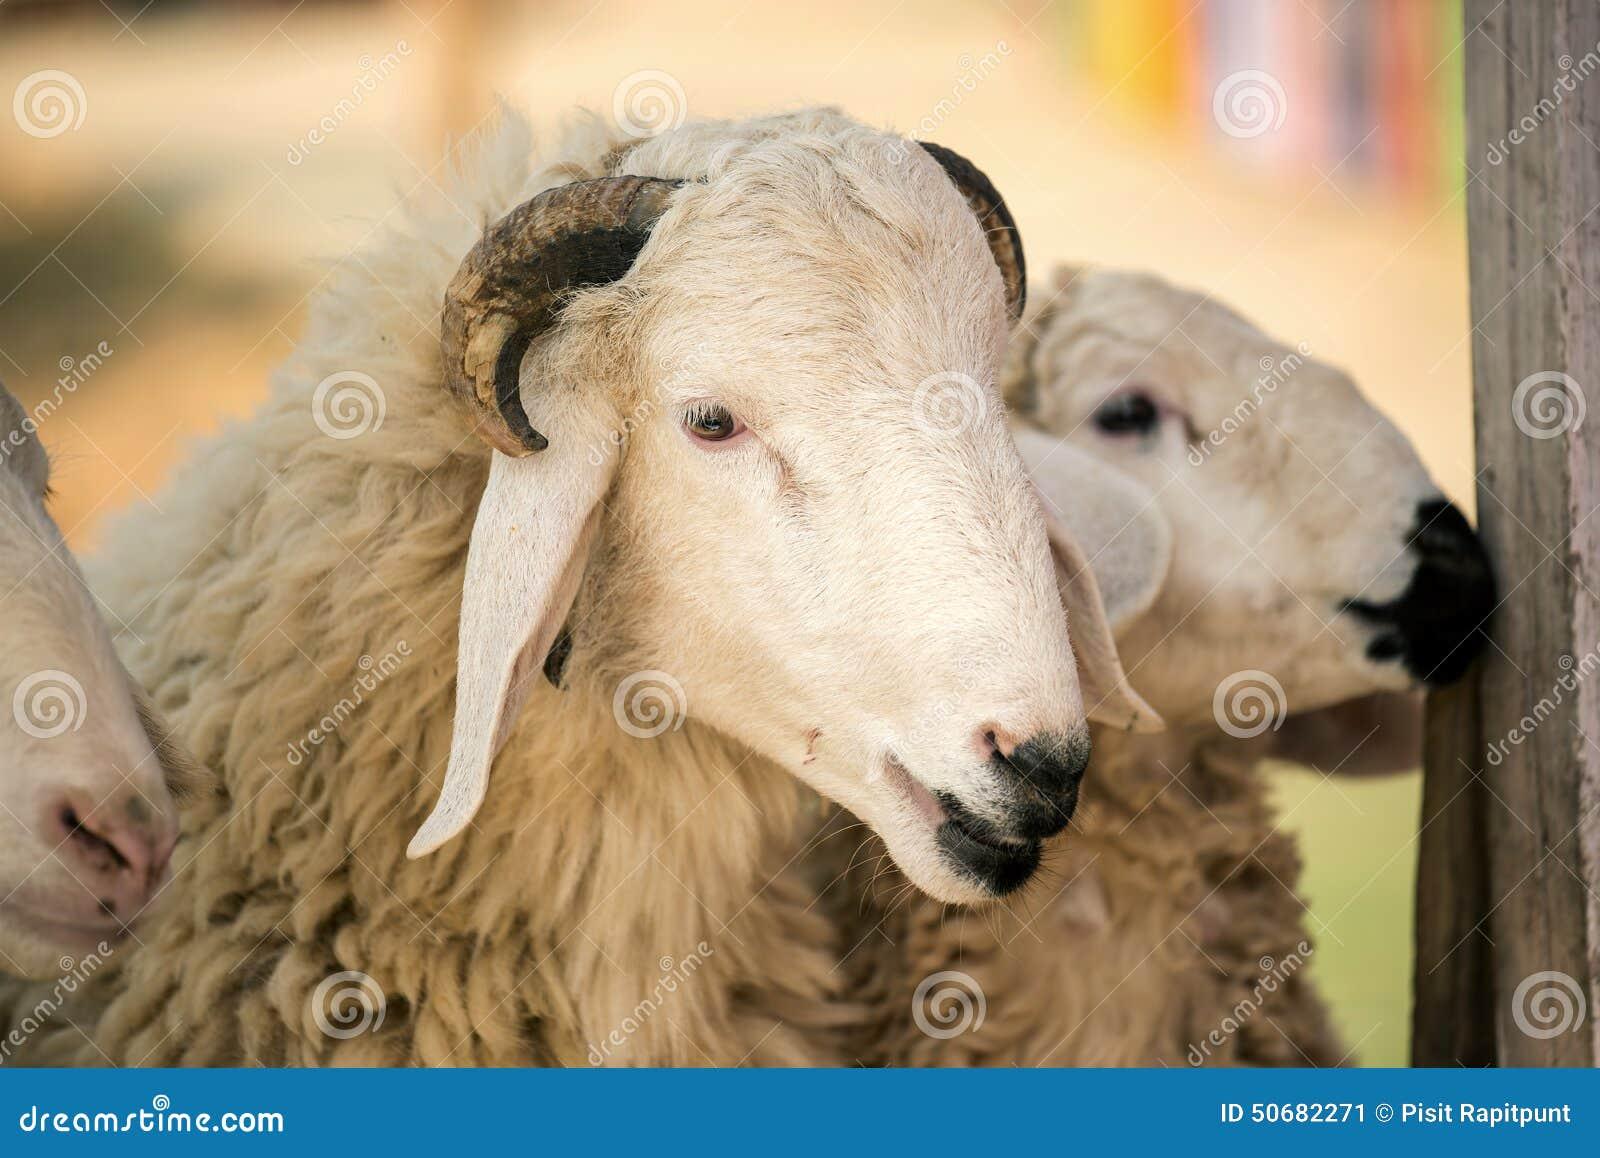 Download 在农场哄骗哺养的绵羊,泰国 库存图片. 图片 包括有 滑稽, 人员, 草甸, 旅行, 问题的, 的treadled - 50682271